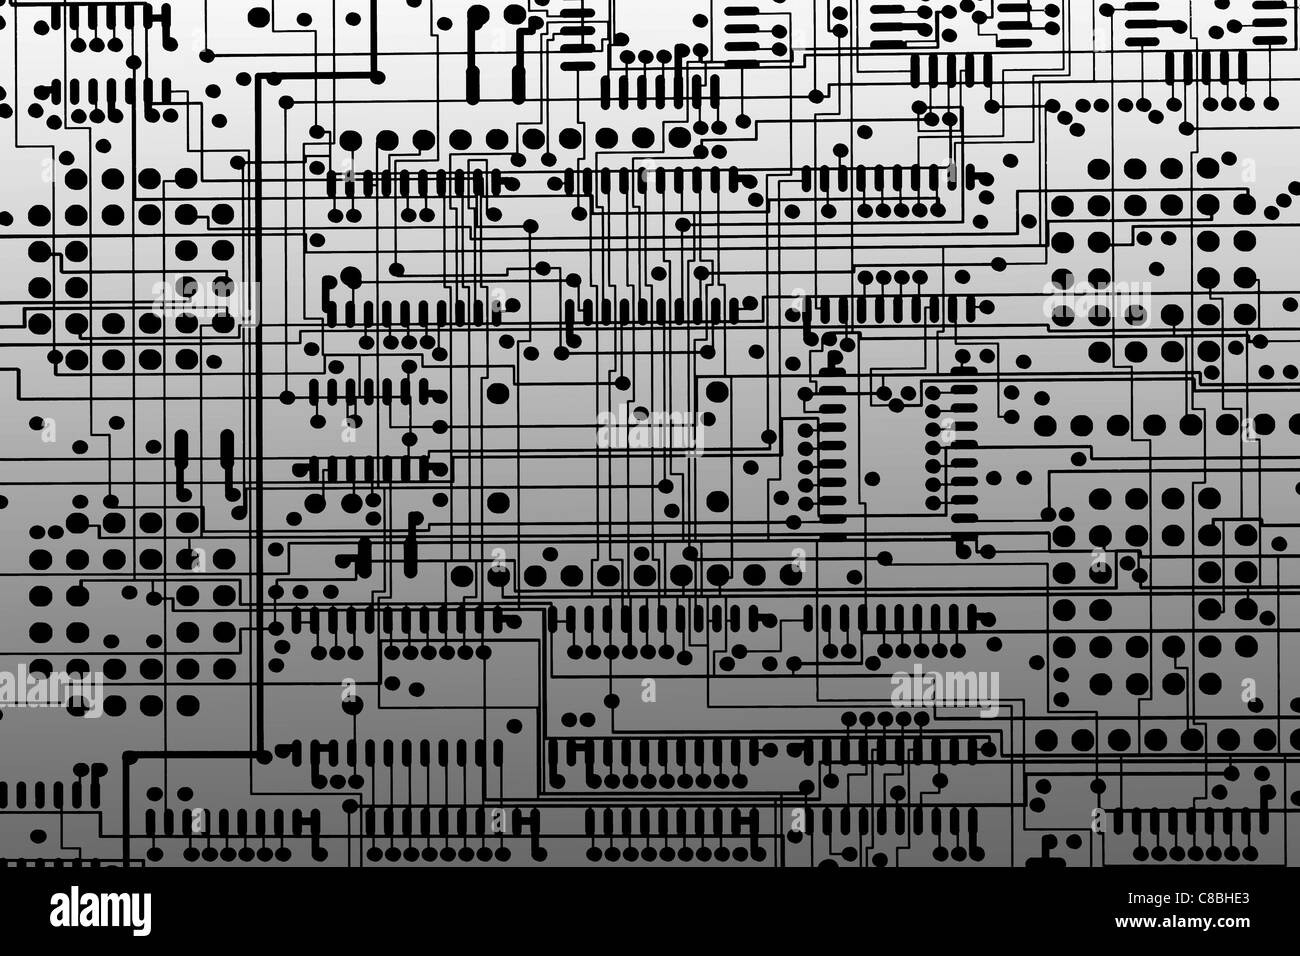 - Amélioration numérique deux couches se chevauchaient sur film disposition des circuits imprimés Photo Stock